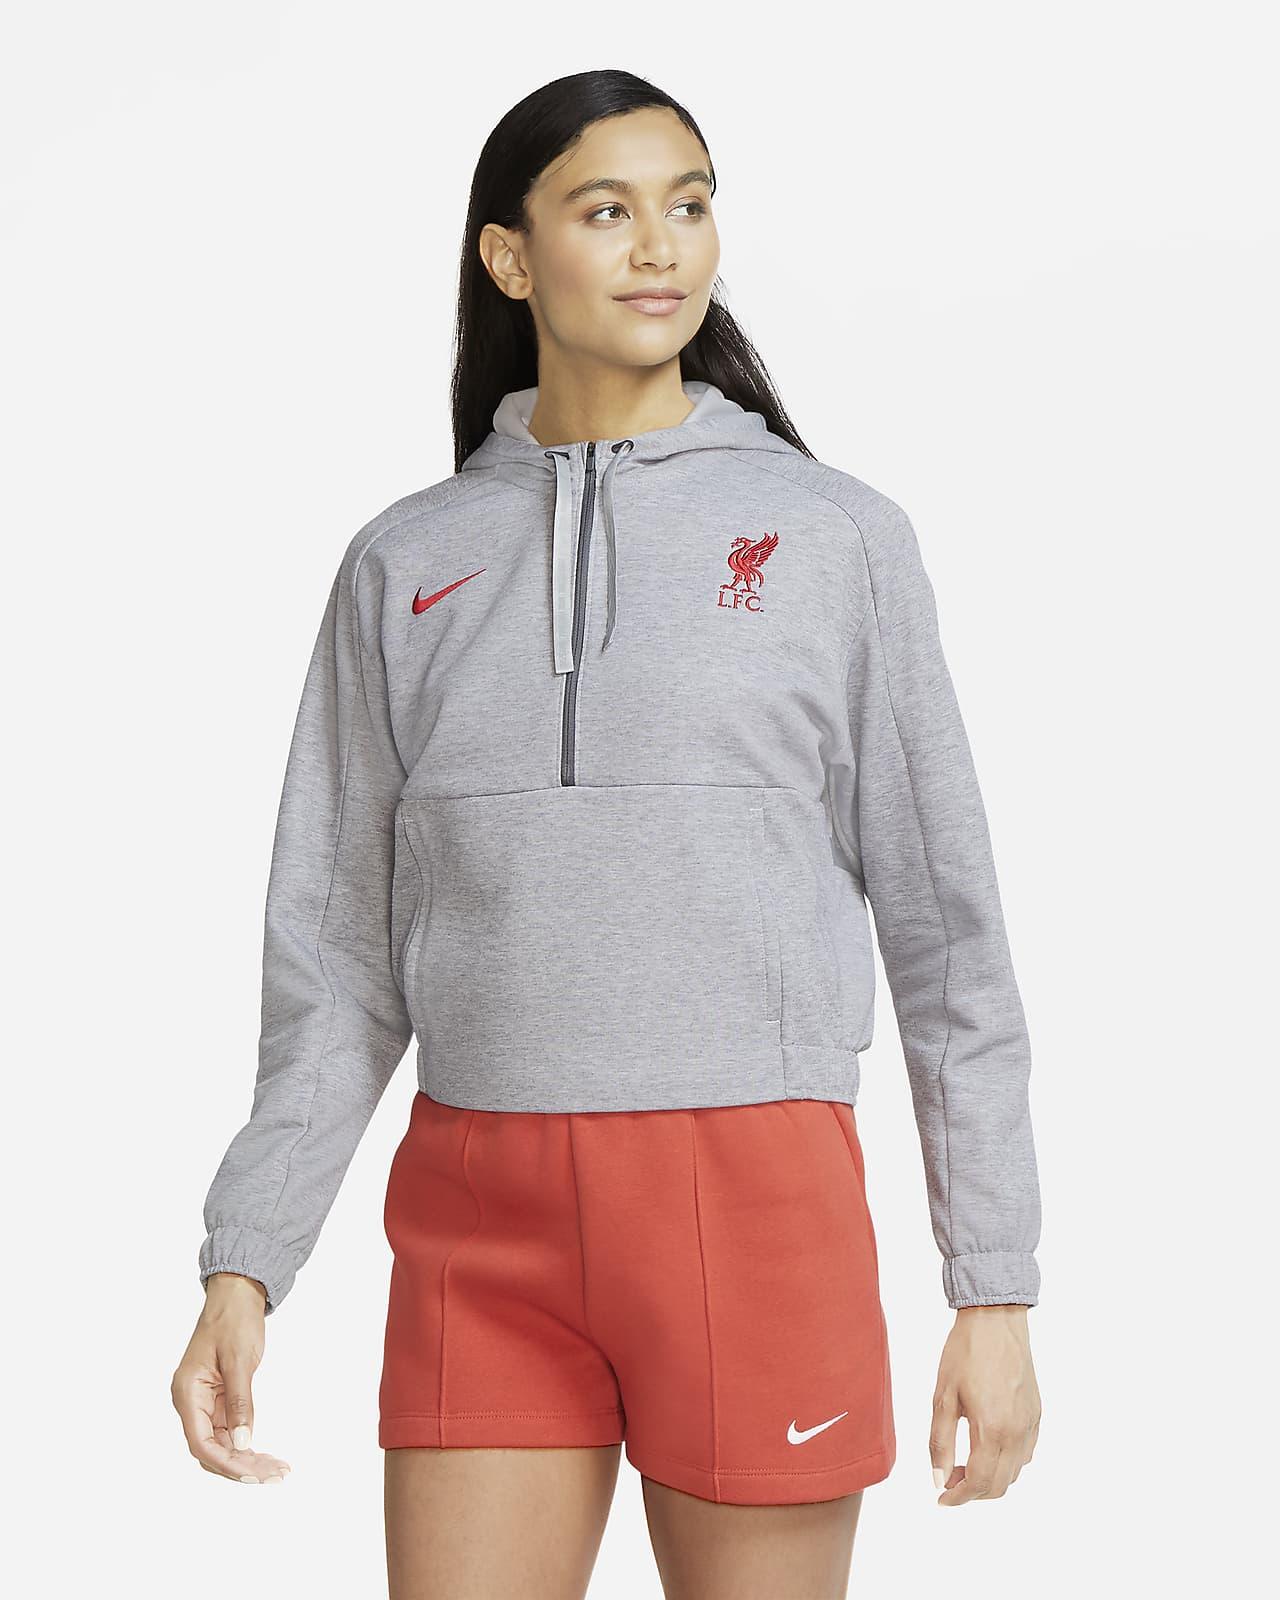 Liverpool FC kort fotballhettegenser med halv glidelås til dame